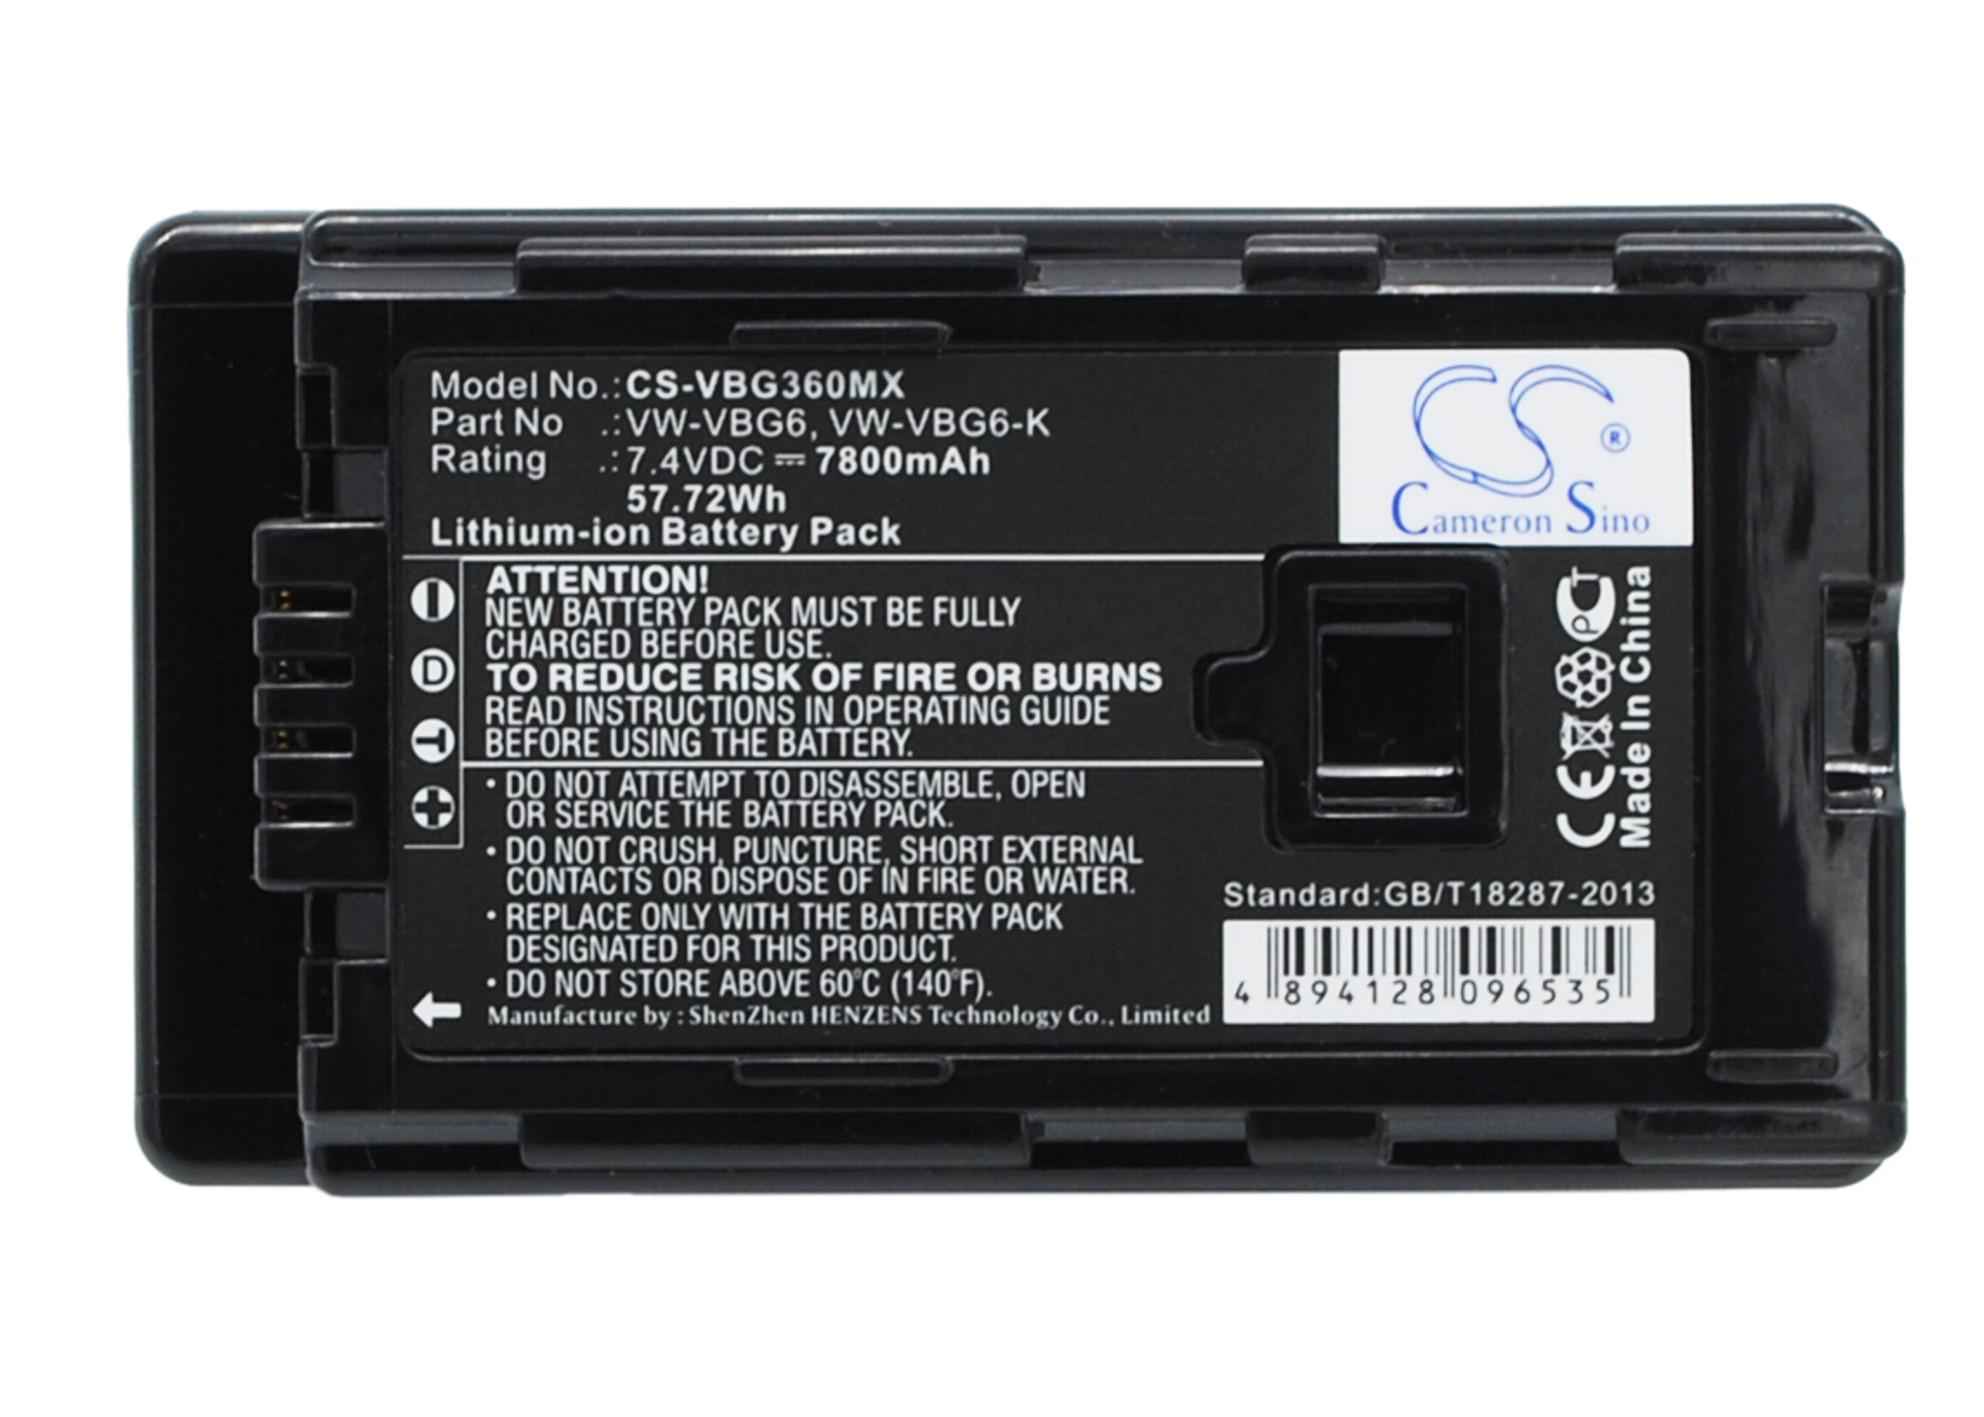 Cameron Sino baterie do kamer a fotoaparátů pro PANASONIC HDC-SD9EG-K 7.4V Li-ion 7800mAh černá - neoriginální